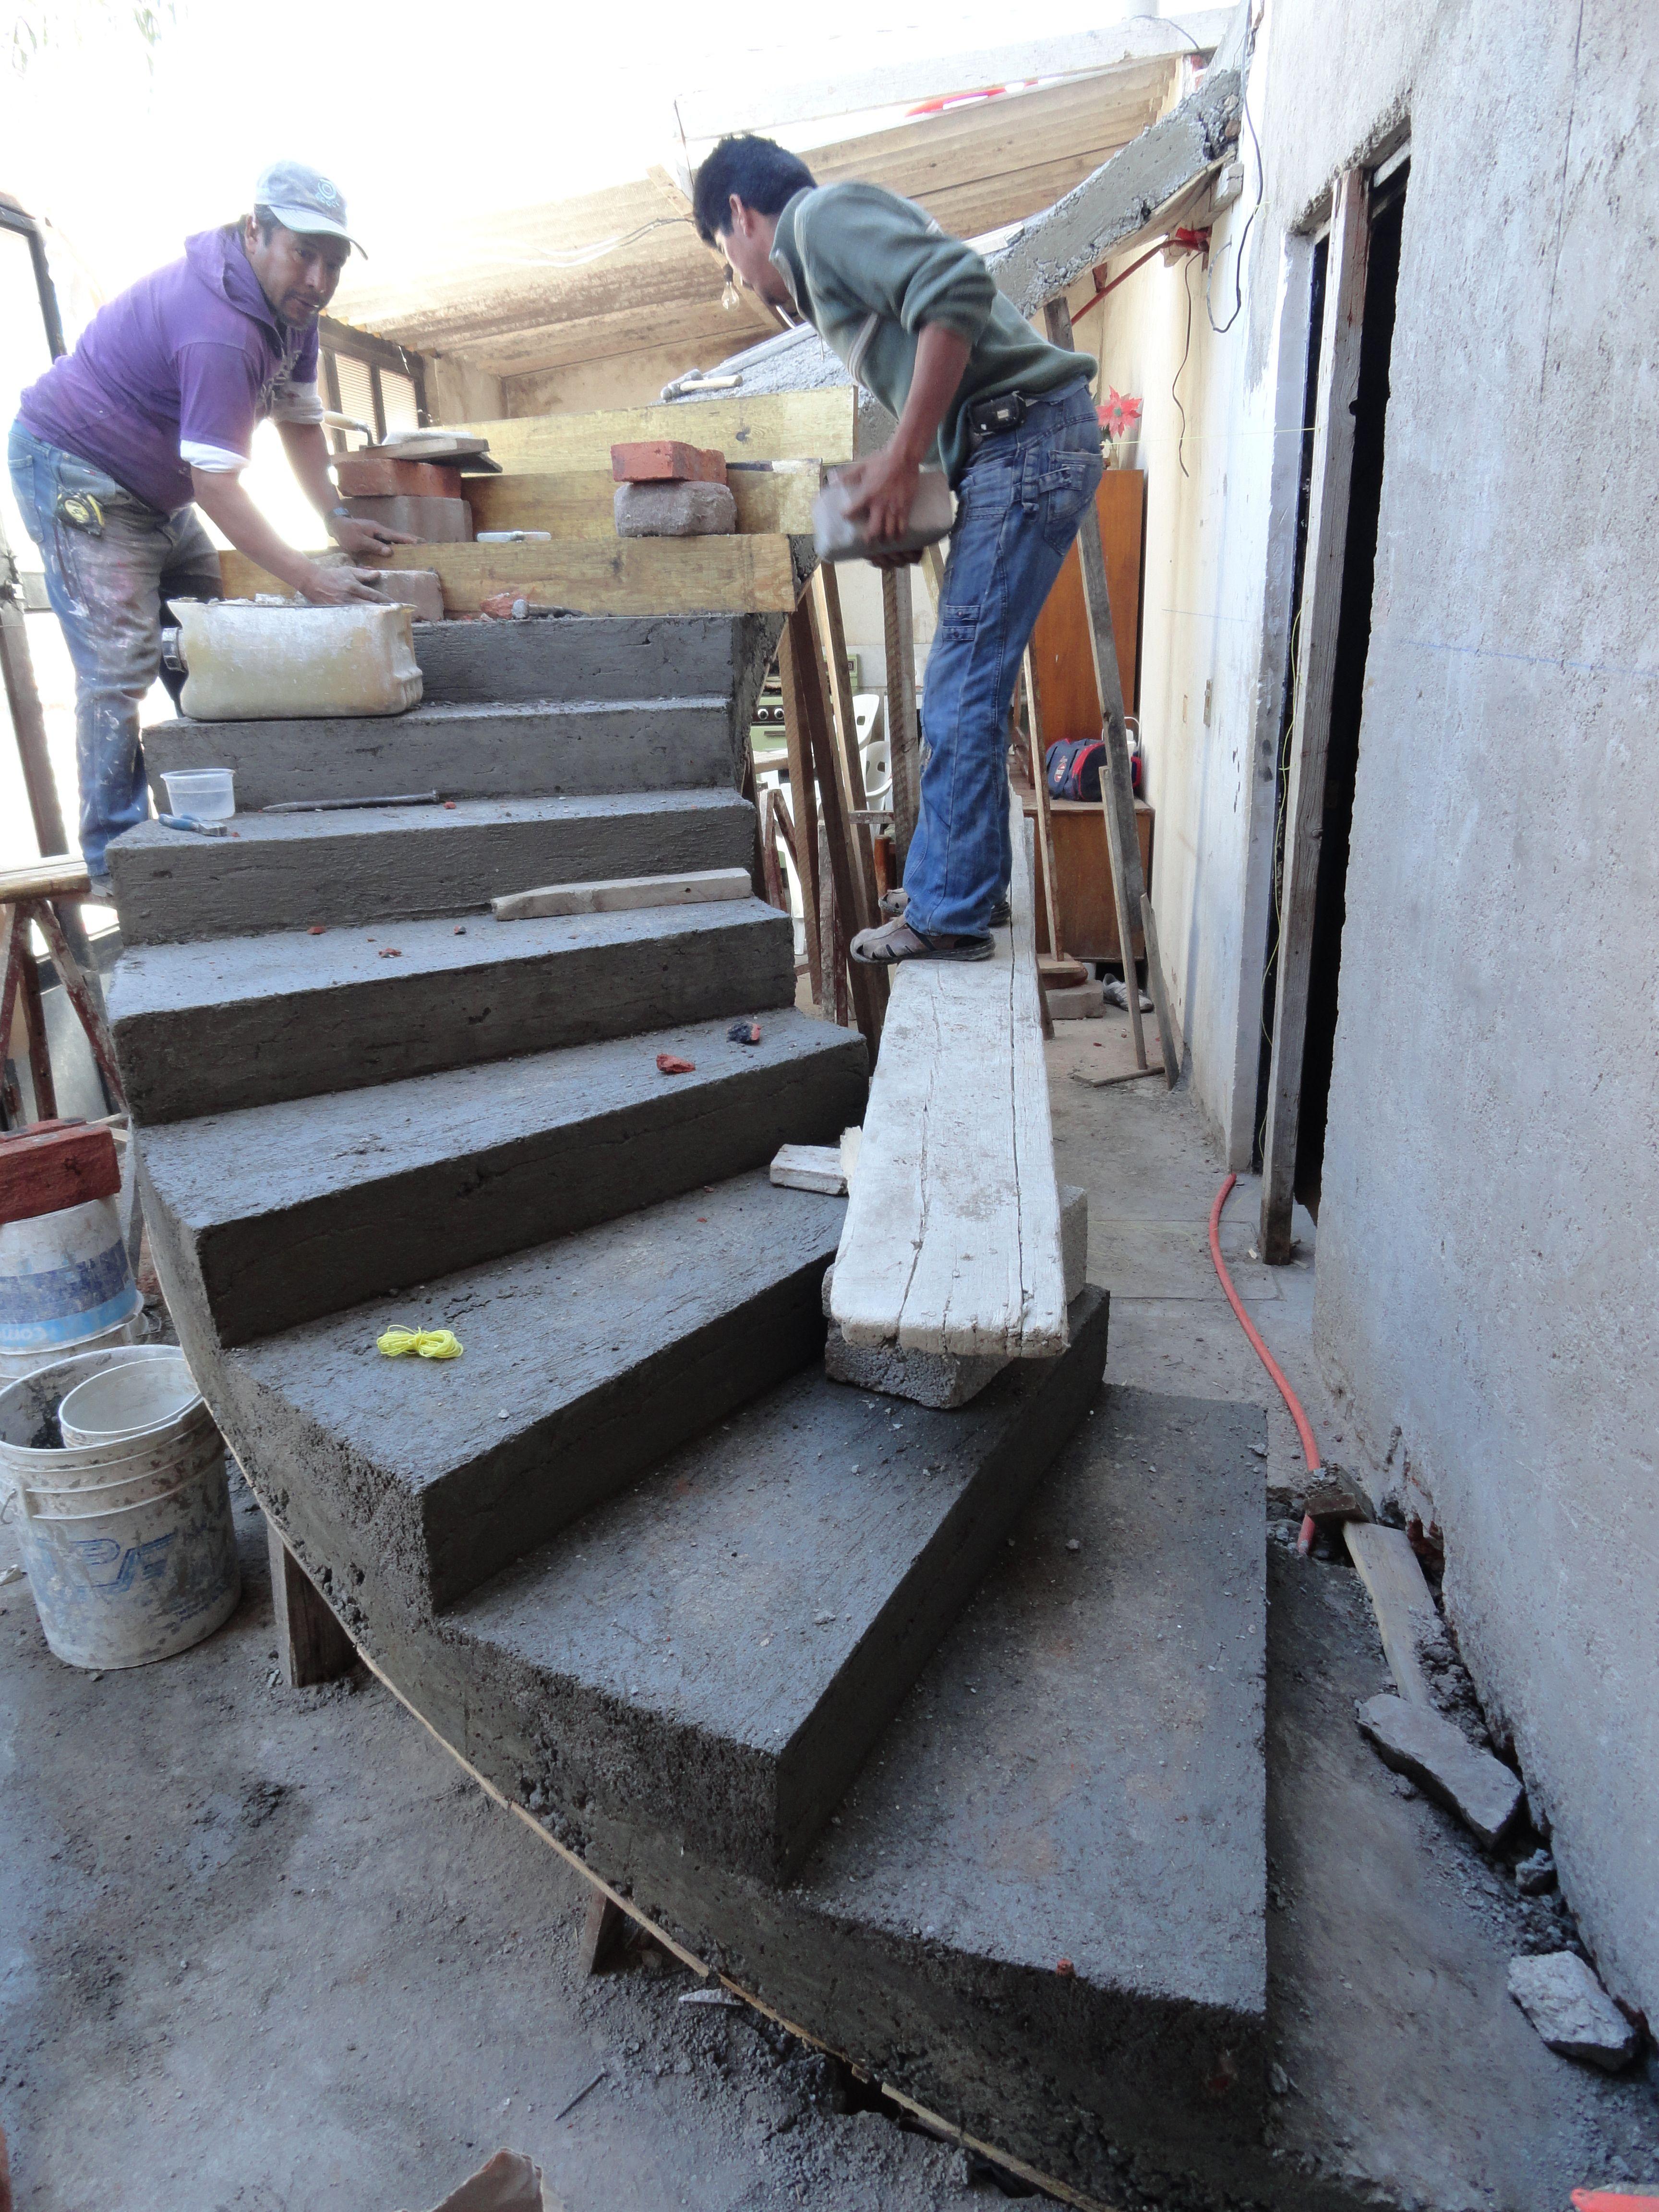 Escalera helicoidal formado de los escalones proyecto for Escaleras helicoidales